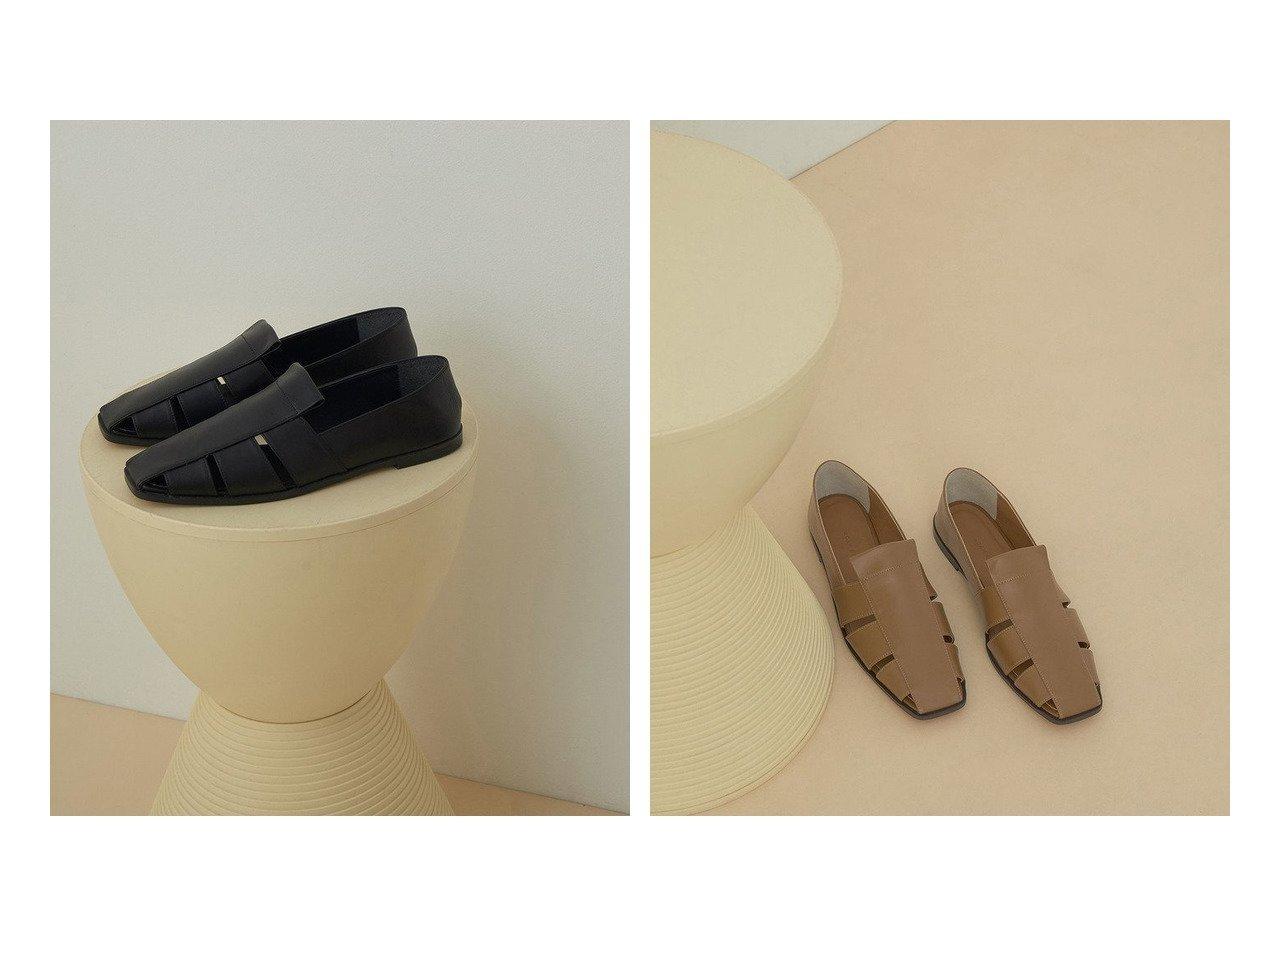 【ADAM ET ROPE'/アダム エ ロペ】のレザーグルカバブーシュ 【シューズ・靴】おすすめ!人気、トレンド・レディースファッションの通販  おすすめで人気の流行・トレンド、ファッションの通販商品 メンズファッション・キッズファッション・インテリア・家具・レディースファッション・服の通販 founy(ファニー) https://founy.com/ ファッション Fashion レディースファッション WOMEN 2021年 2021 2021春夏・S/S SS/Spring/Summer/2021 S/S・春夏 SS・Spring/Summer おすすめ Recommend シューズ スタイリッシュ スリット デニム トレンド フラット マニッシュ 再入荷 Restock/Back in Stock/Re Arrival 春 Spring |ID:crp329100000034622